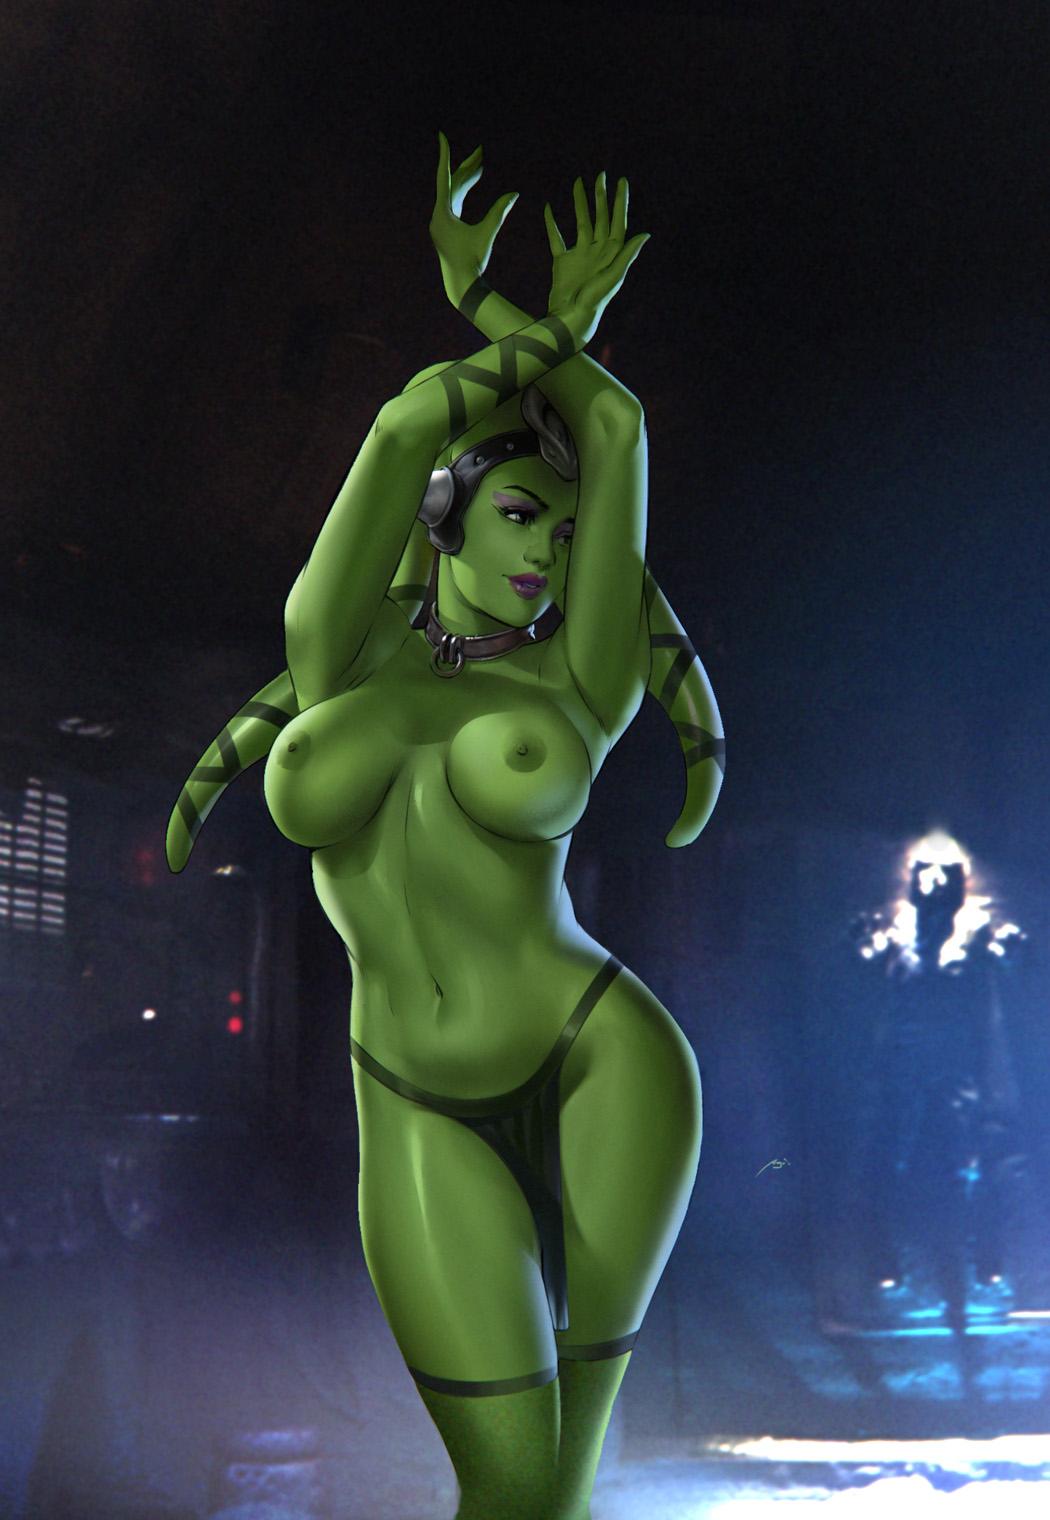 Эротическое фото звездных войн